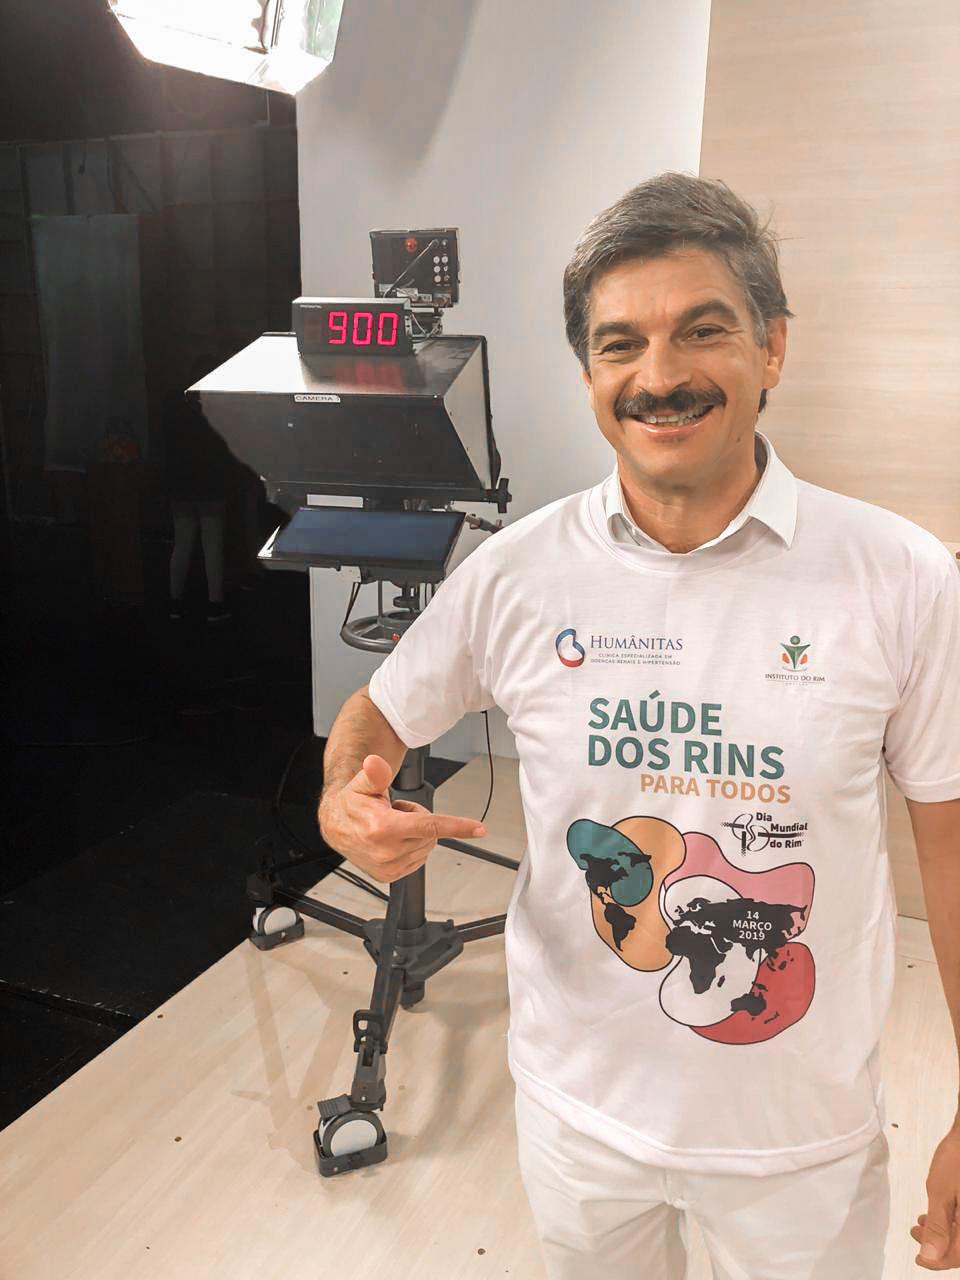 Camiseta para campanha do Dia Mundial dos Rins